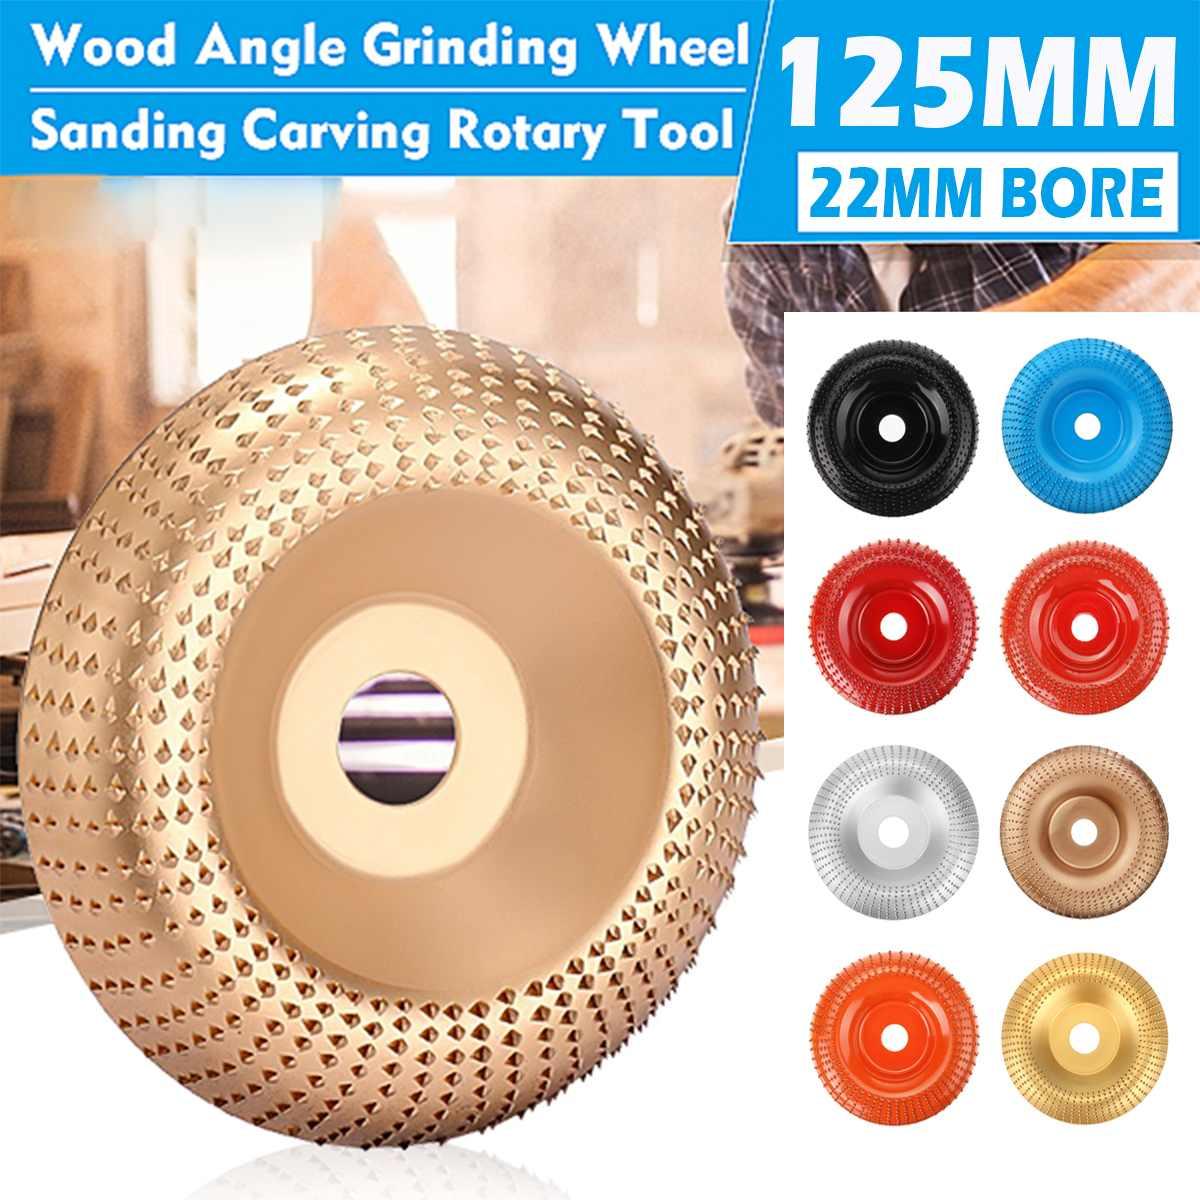 زاویه چوب سنگ زنی چرخ سنباده تراش ابزار چرخشی دیسک ساینده برای آسیاب زاویه کاربید تنگستن 22 میلی متر 16 میلی متر شکل